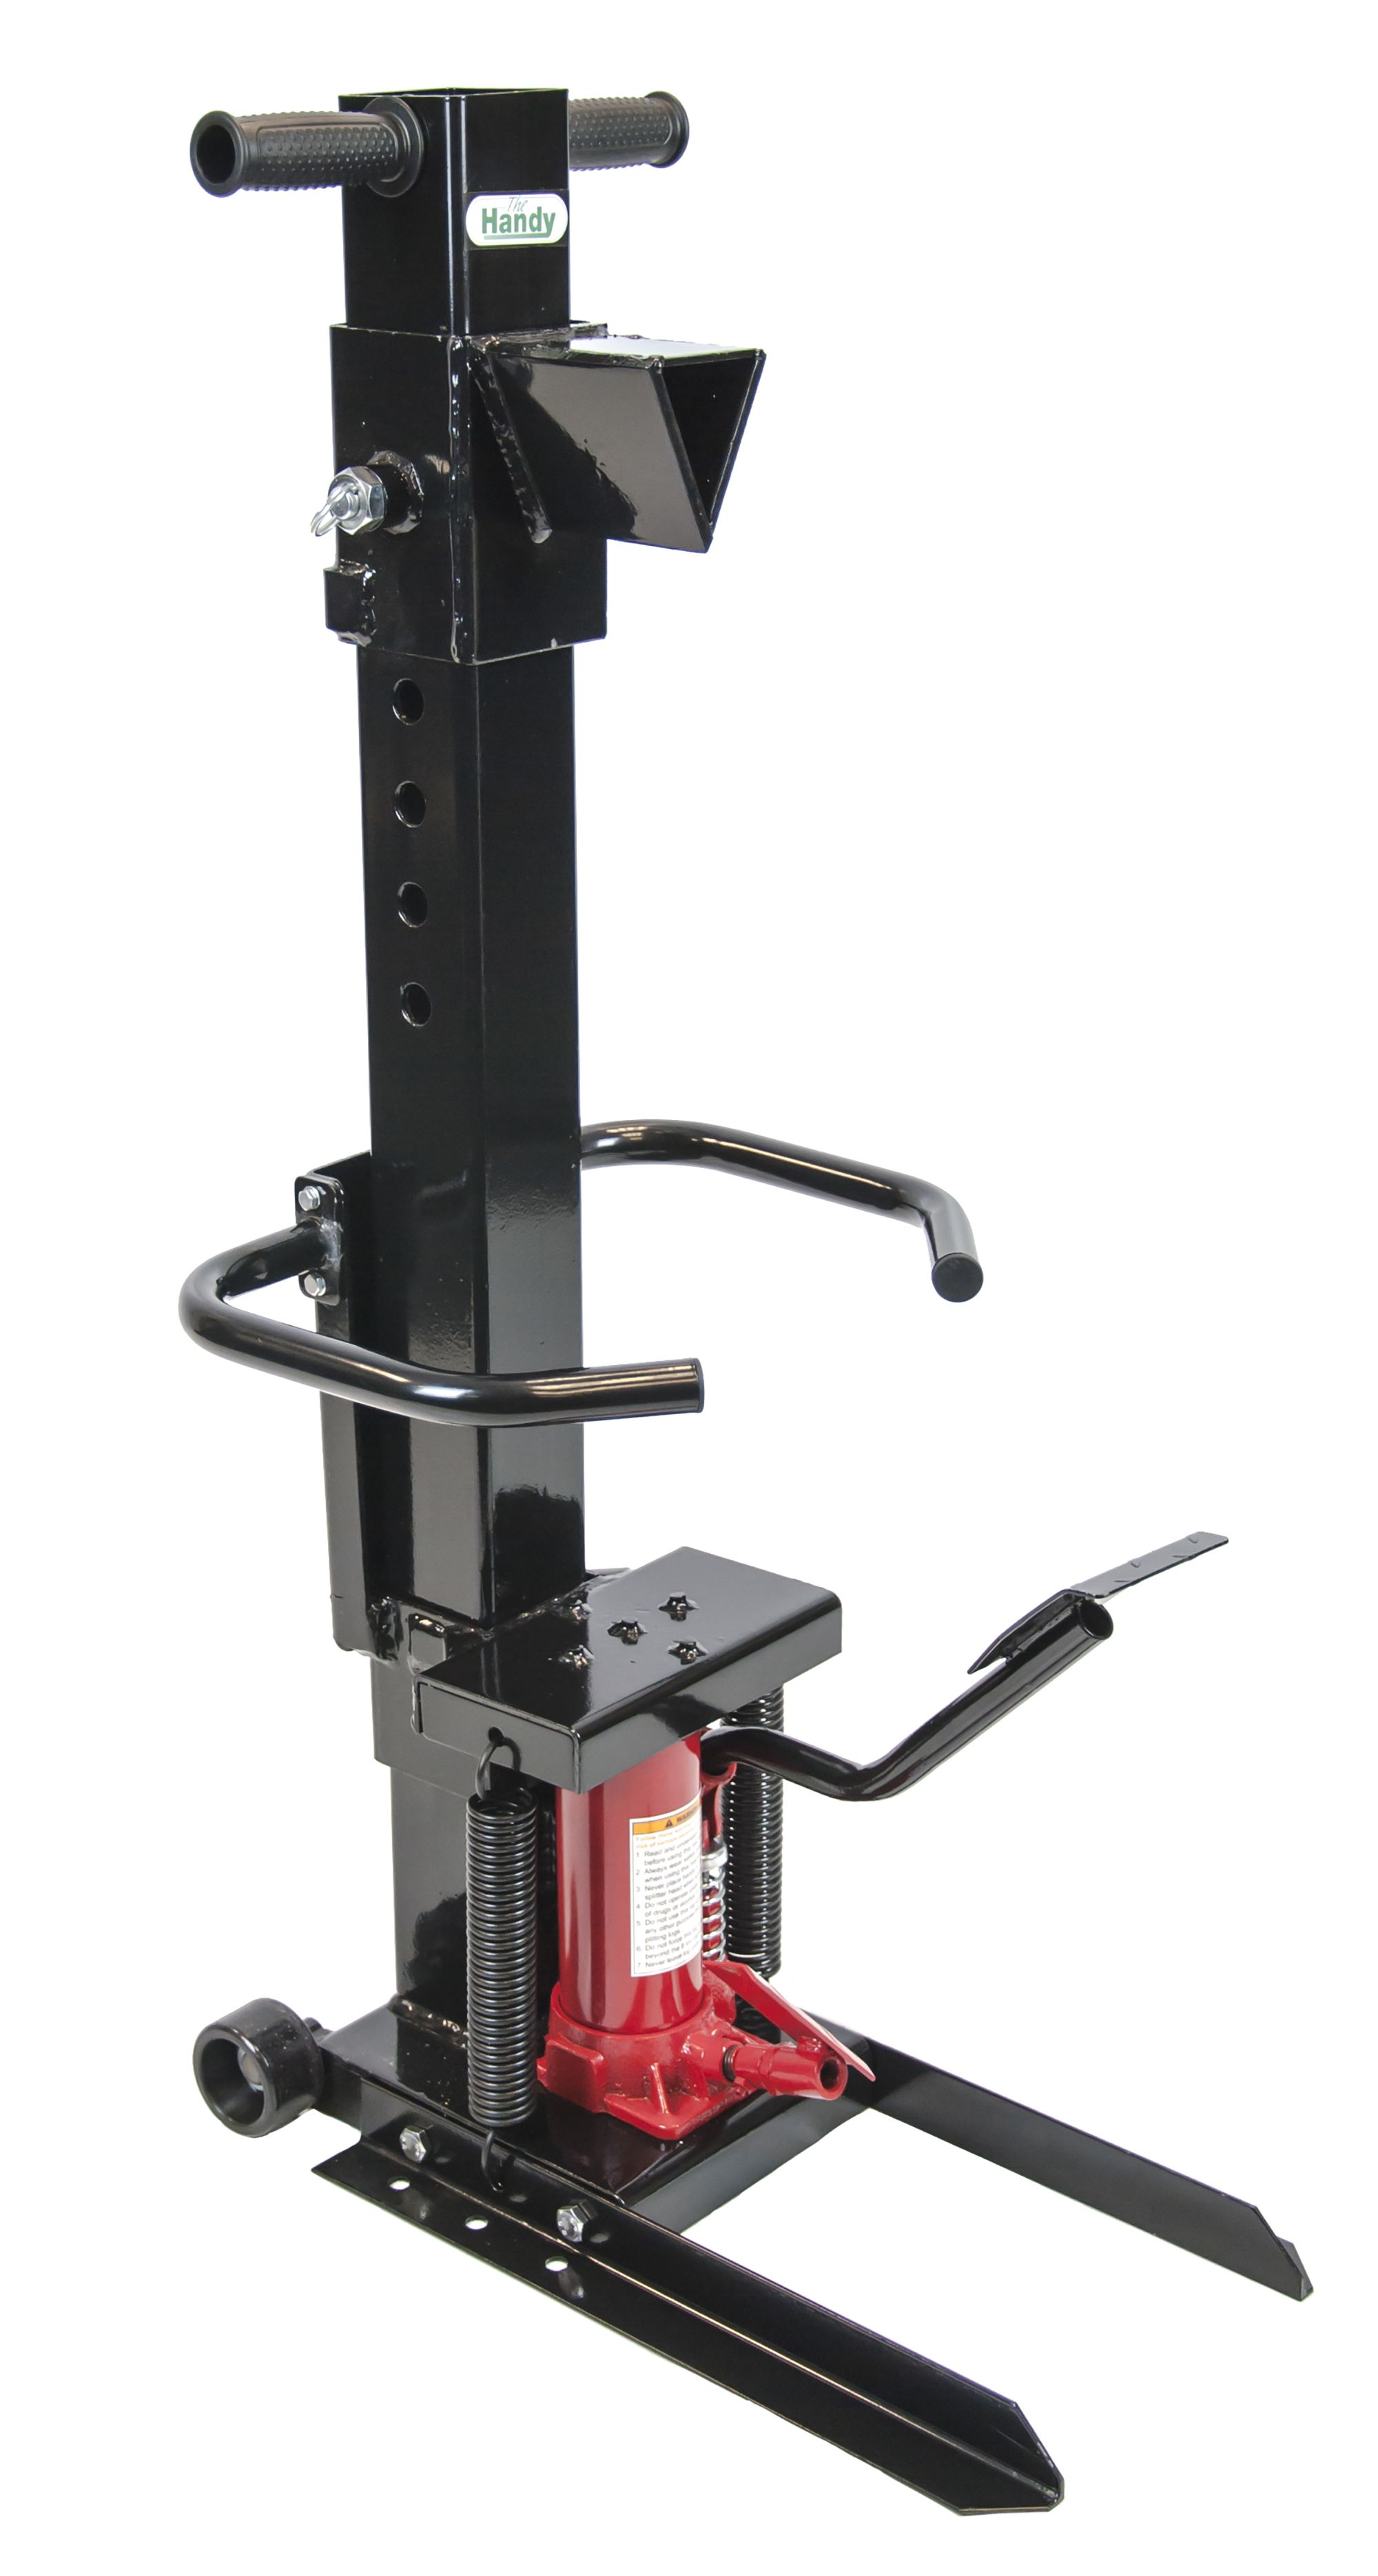 Handy Manual Log Splitter Departments Diy At B Amp Q